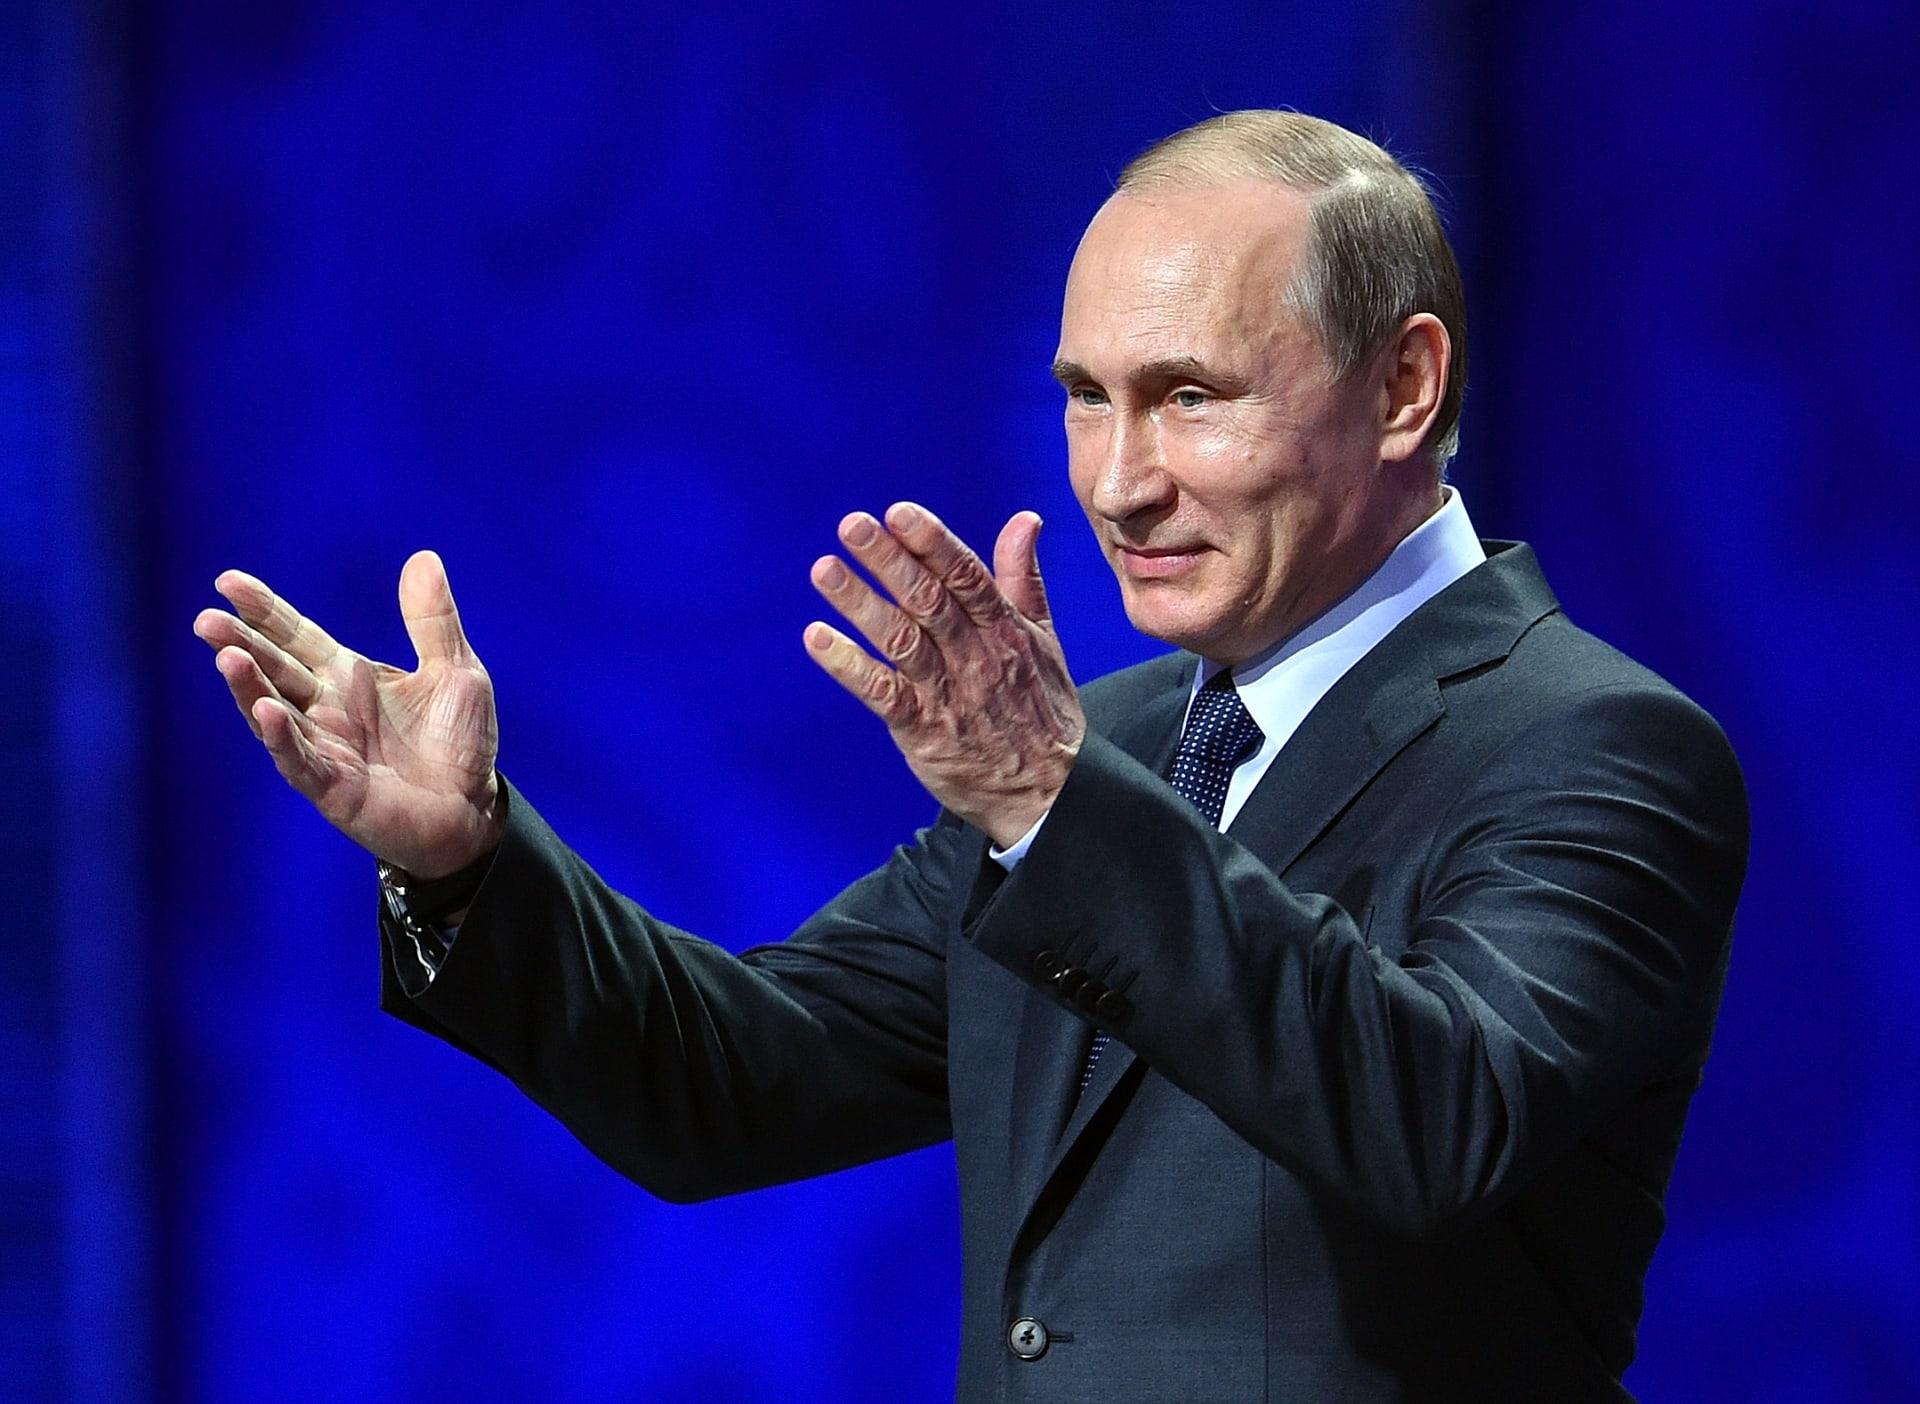 بوتين: يستطيع العالم الإسلامي الاعتماد على دعم روسيا